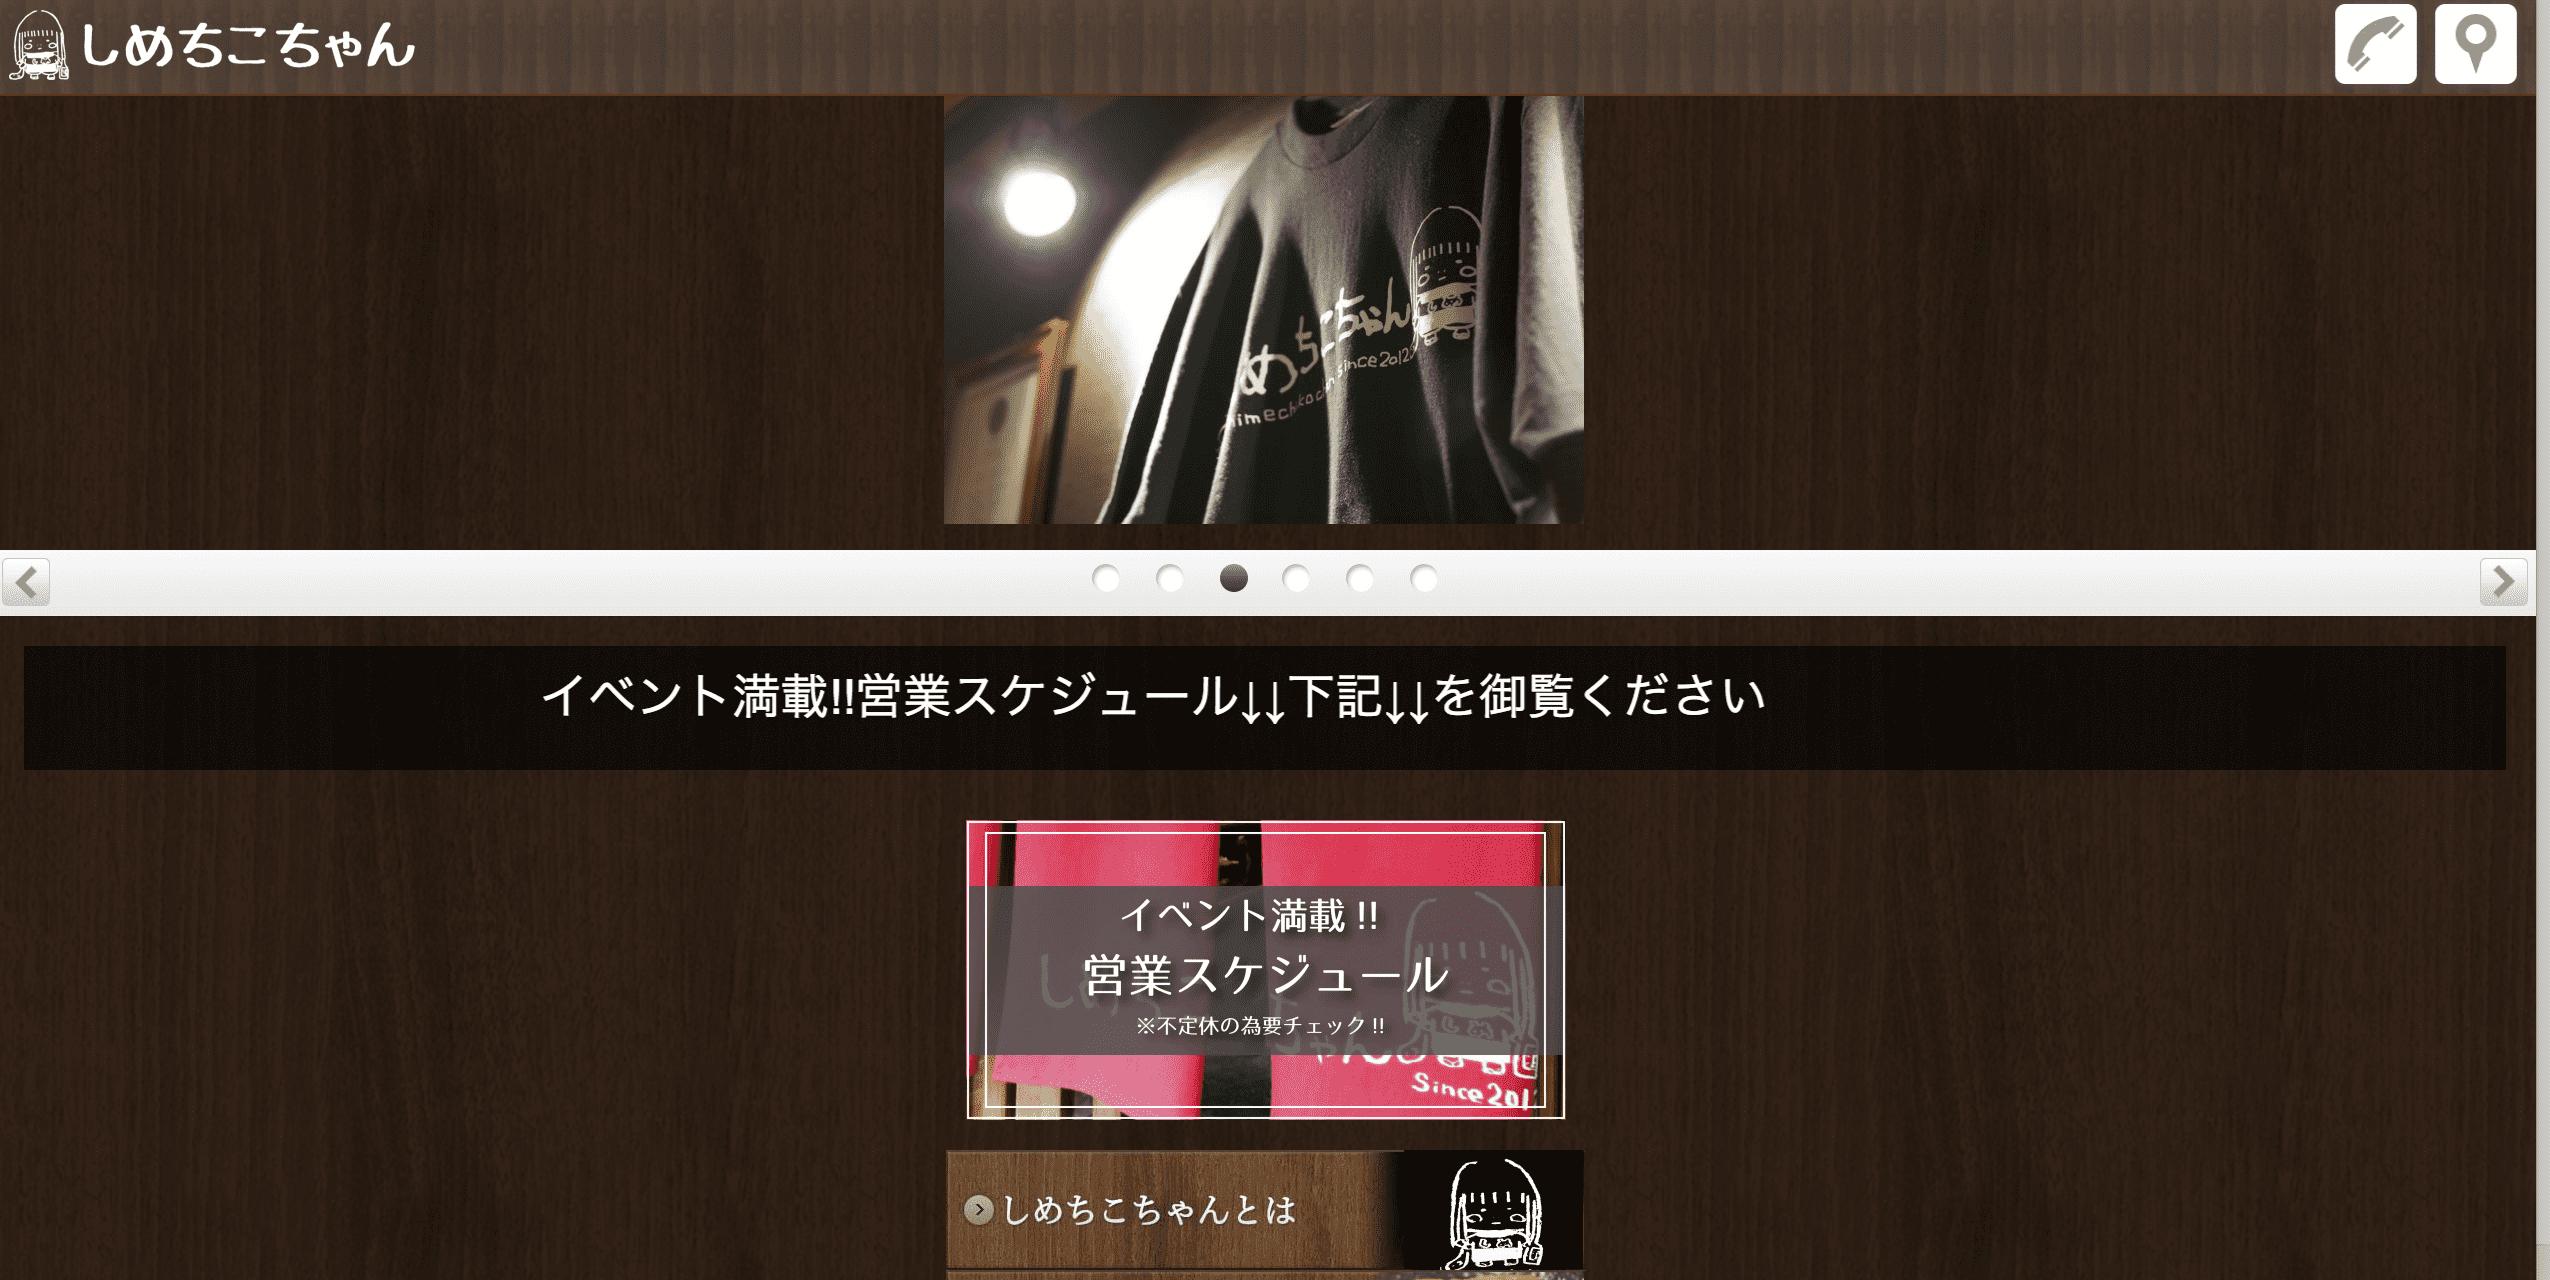 【Twitter拡散】東京都北区の居酒屋で宴会キャンセル